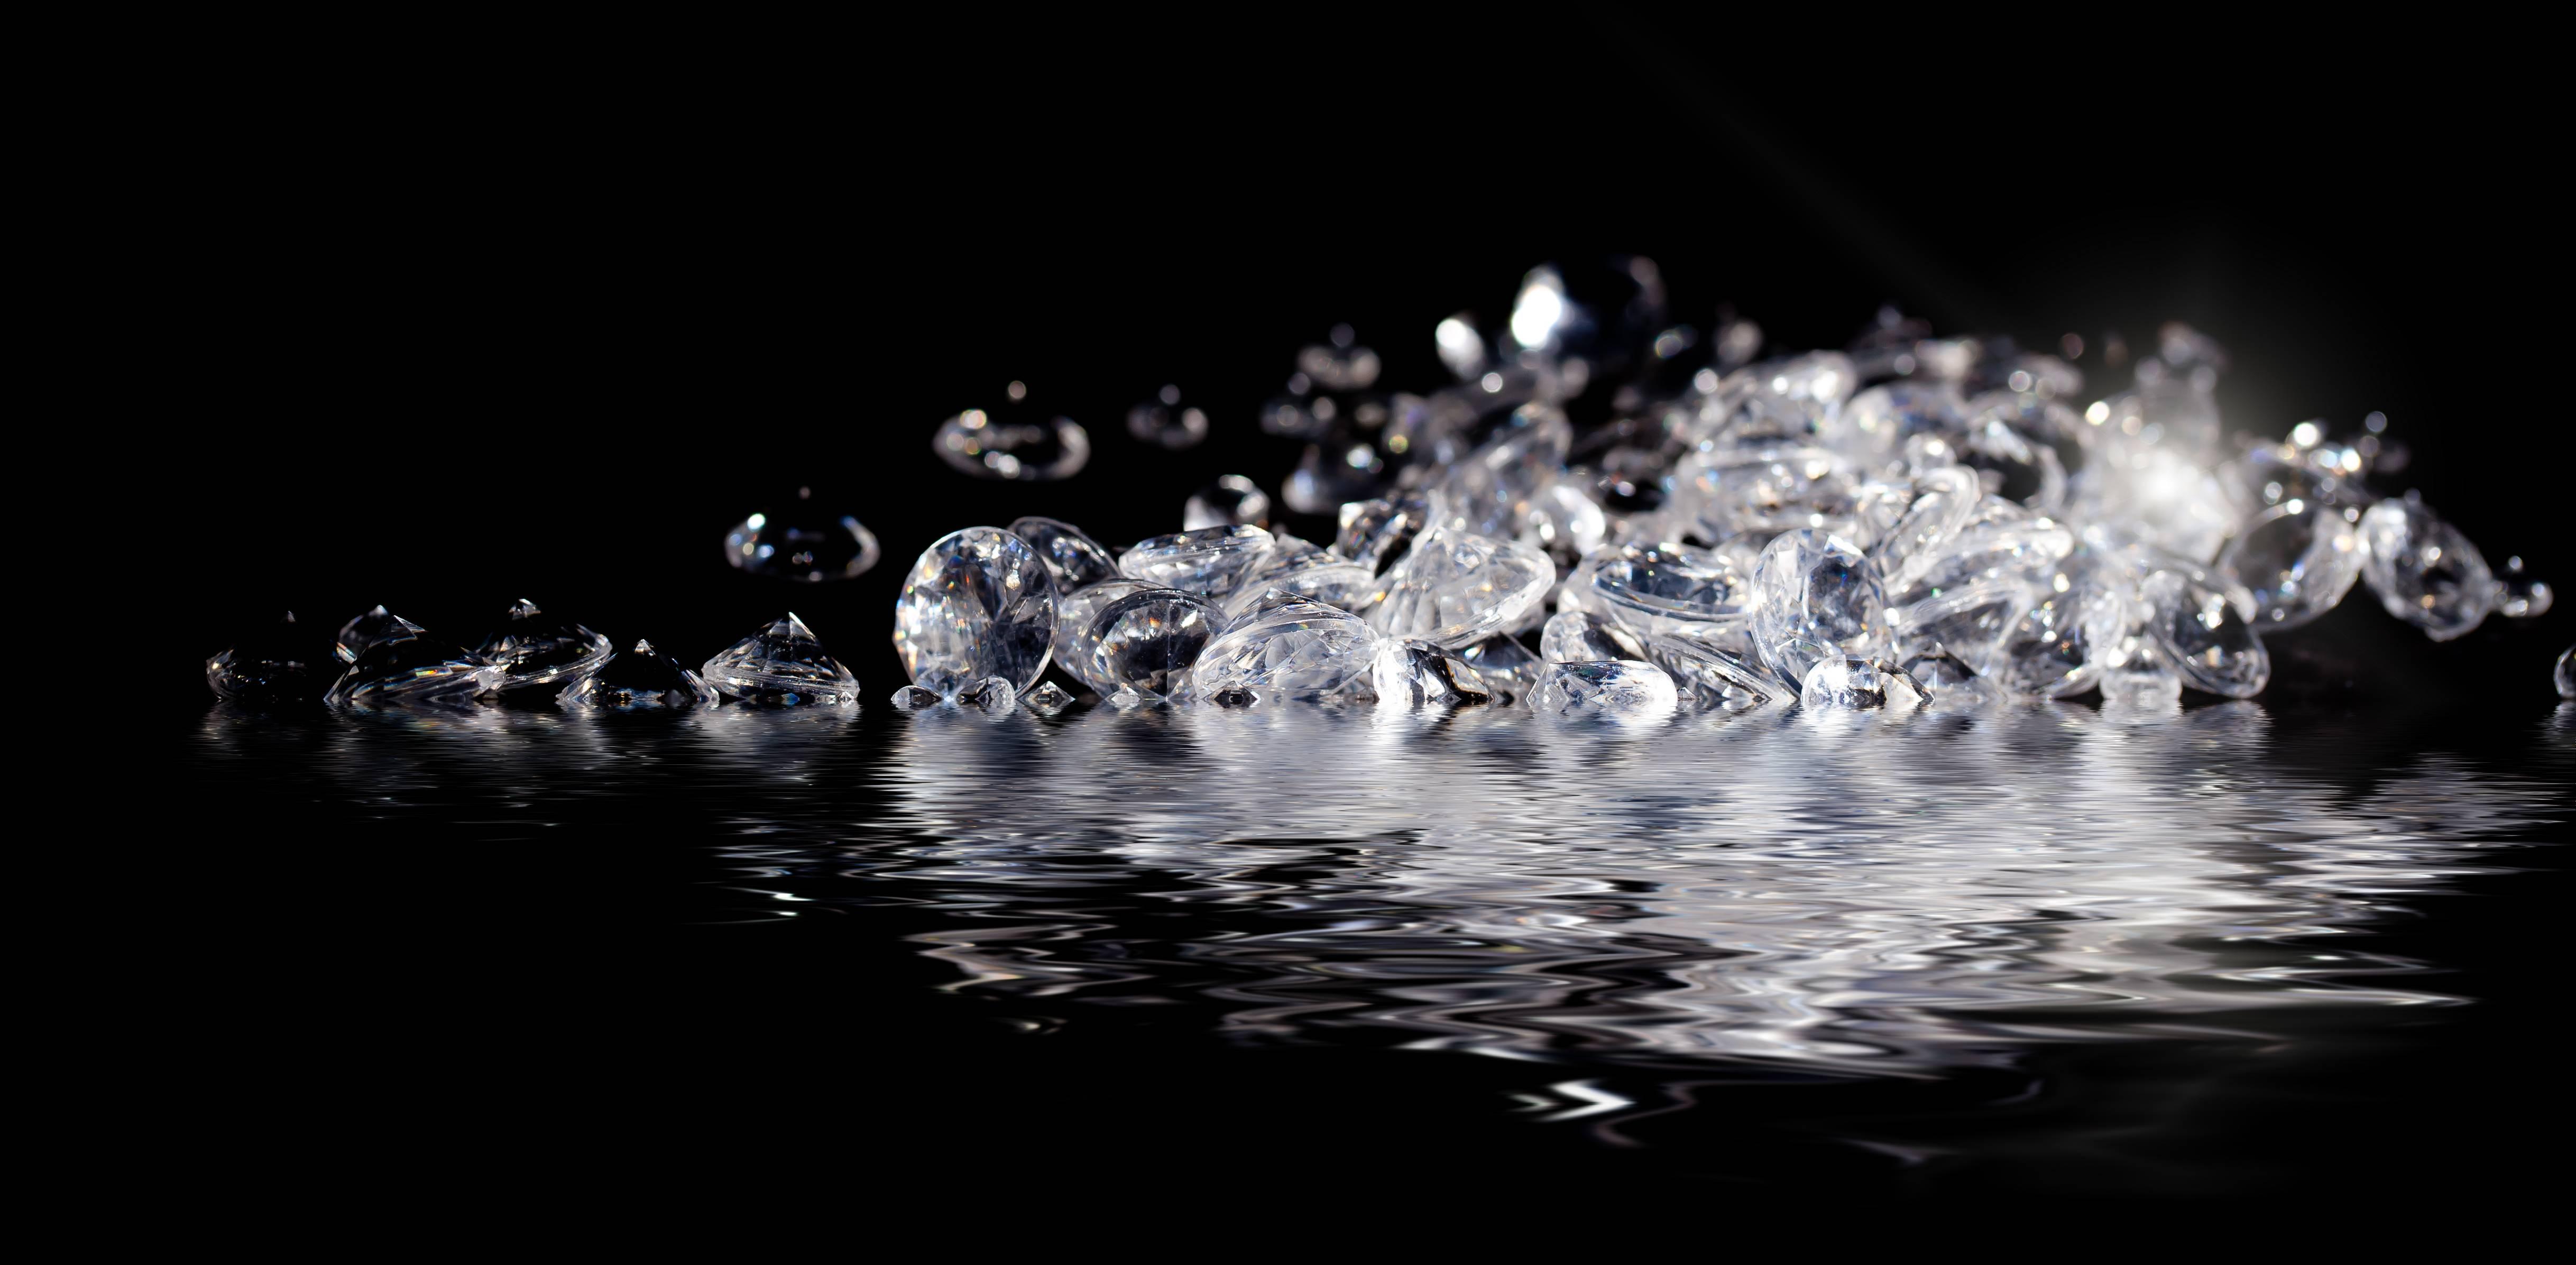 white diamond background - photo #39